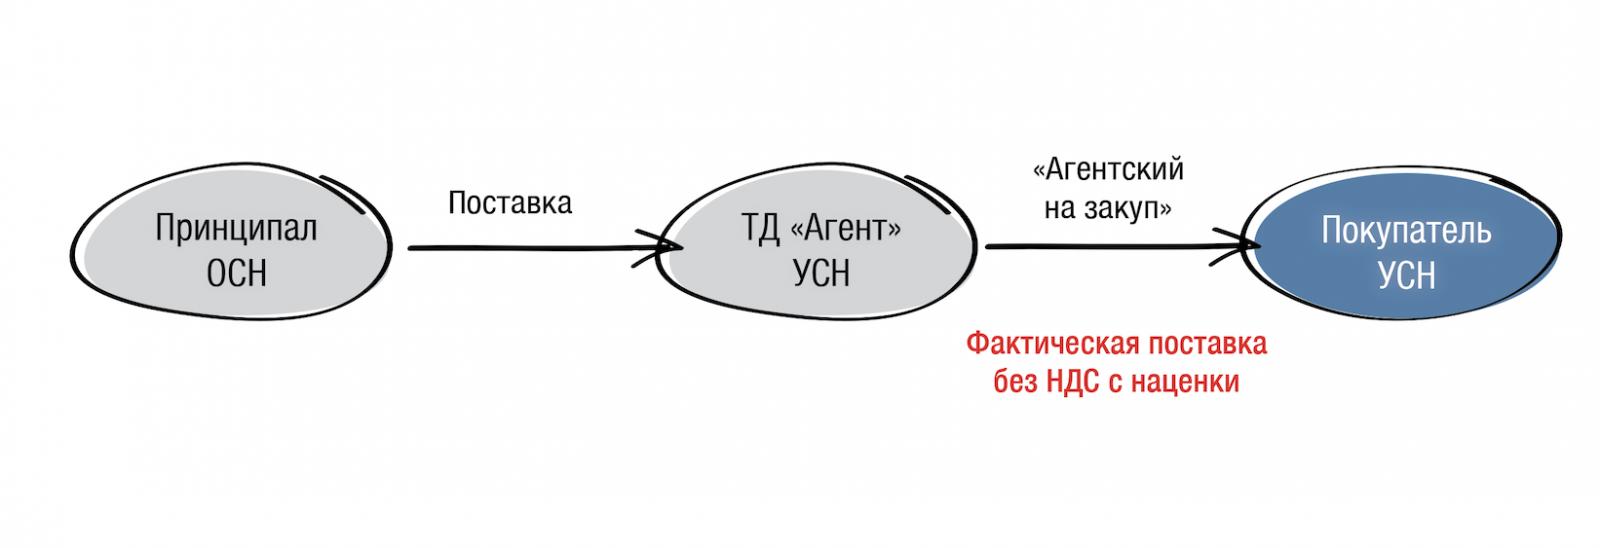 agentskiy_dogovor_03.png